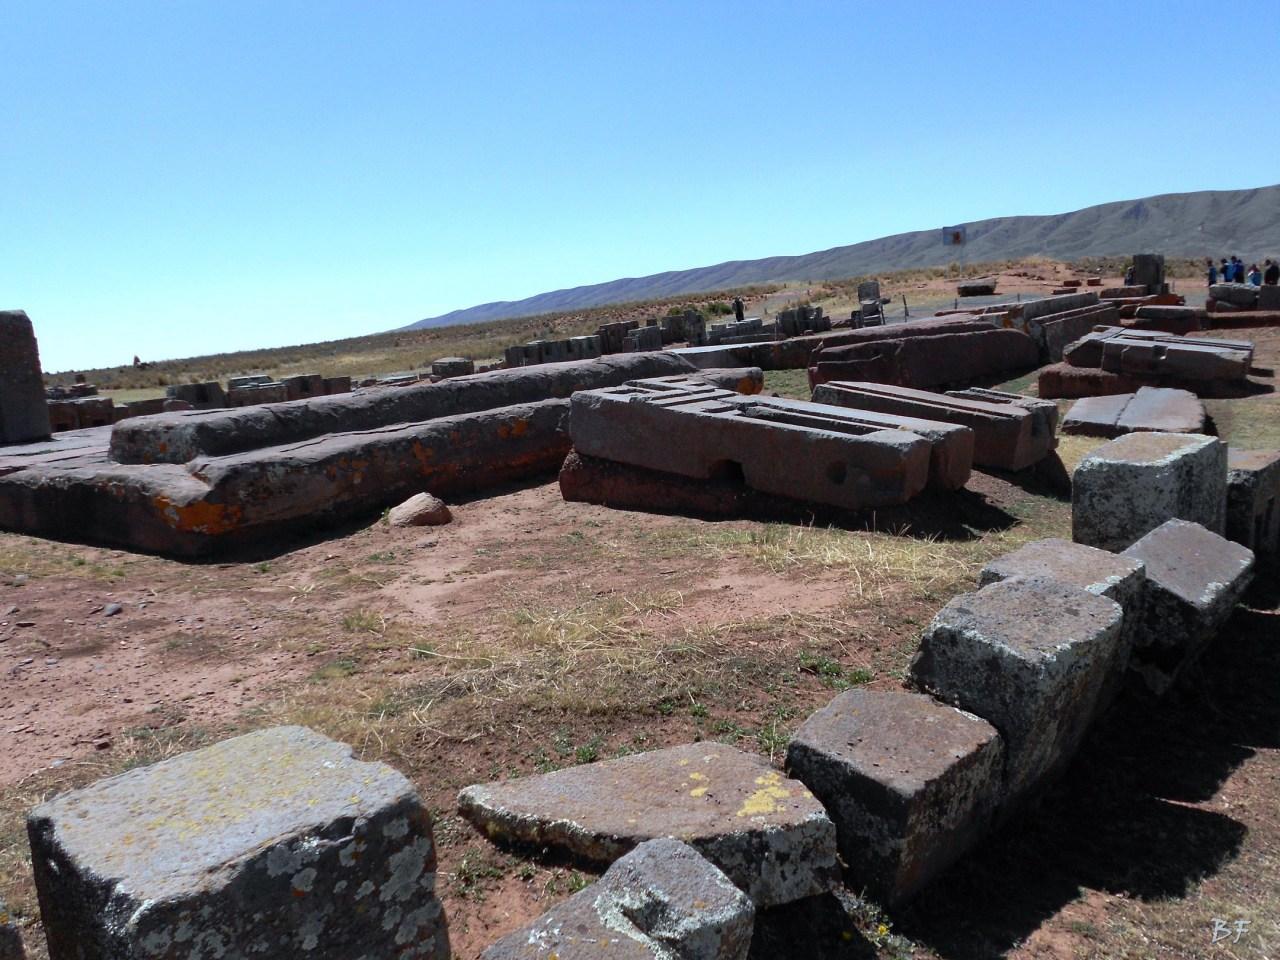 Puma-Punku-Area-Megalitica-Mura-Poligonali-Megaliti-Tiwanaku-Tiahuanaco-Bolivia-40